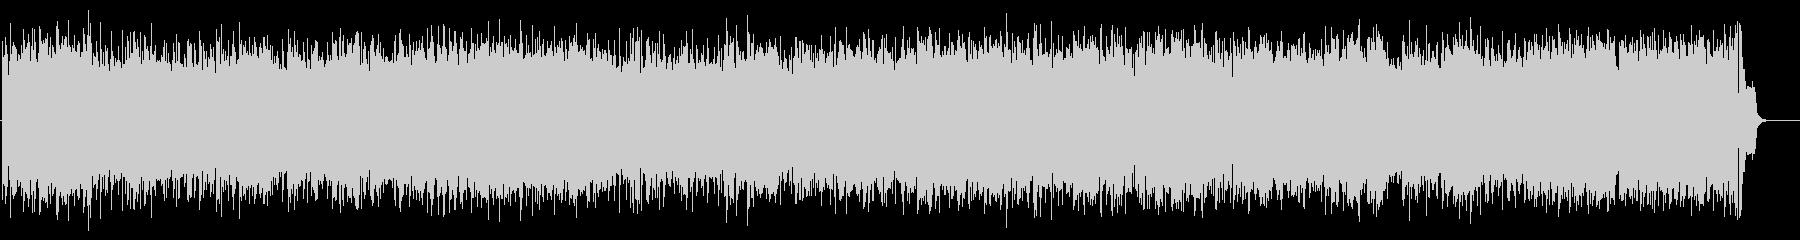 元気なヒューマンポップス(フルサイズ)の未再生の波形